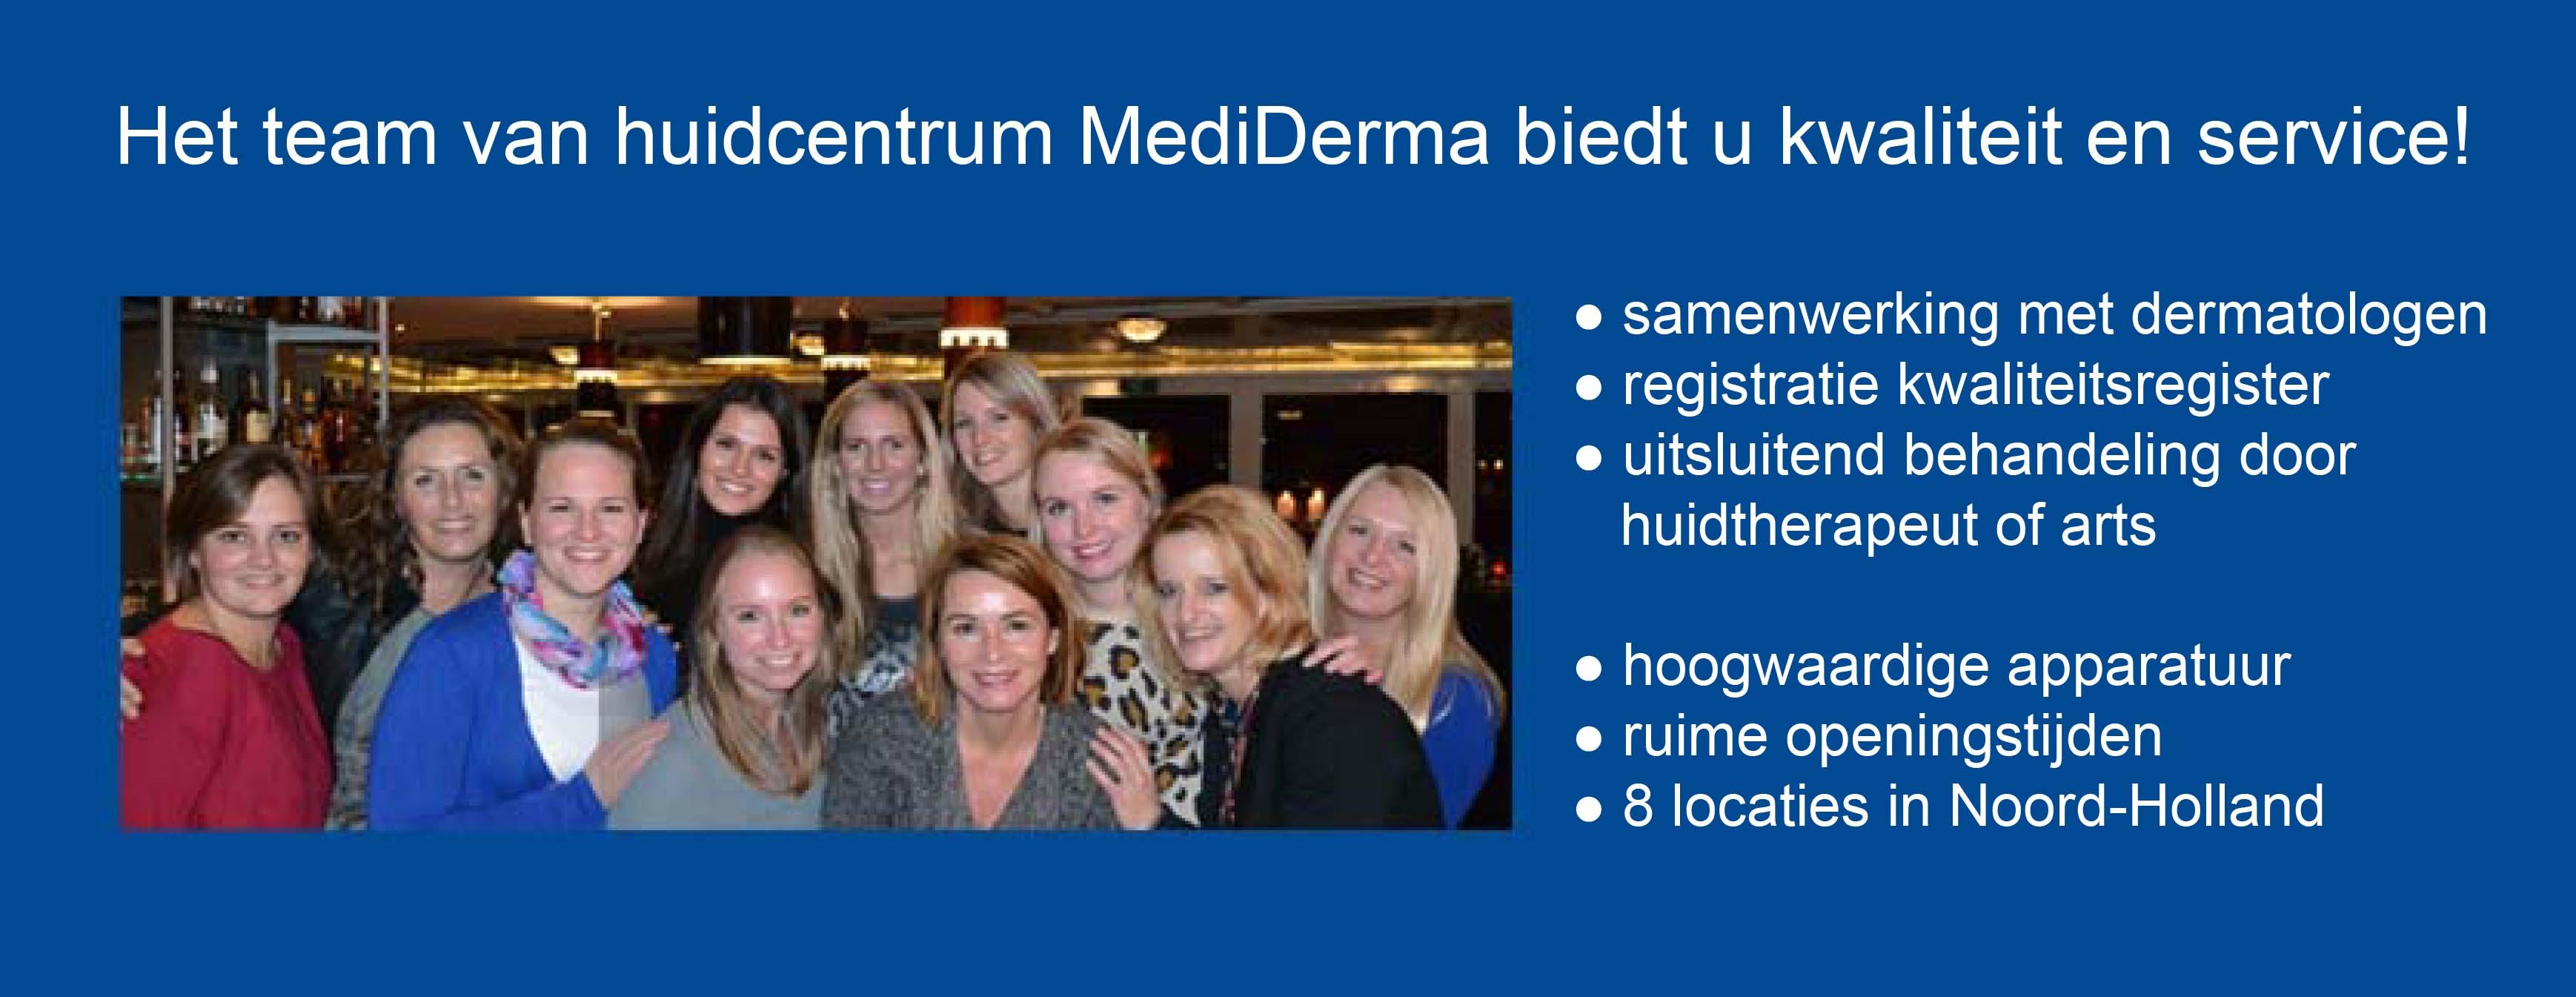 Huidtherapeuten MediDerma